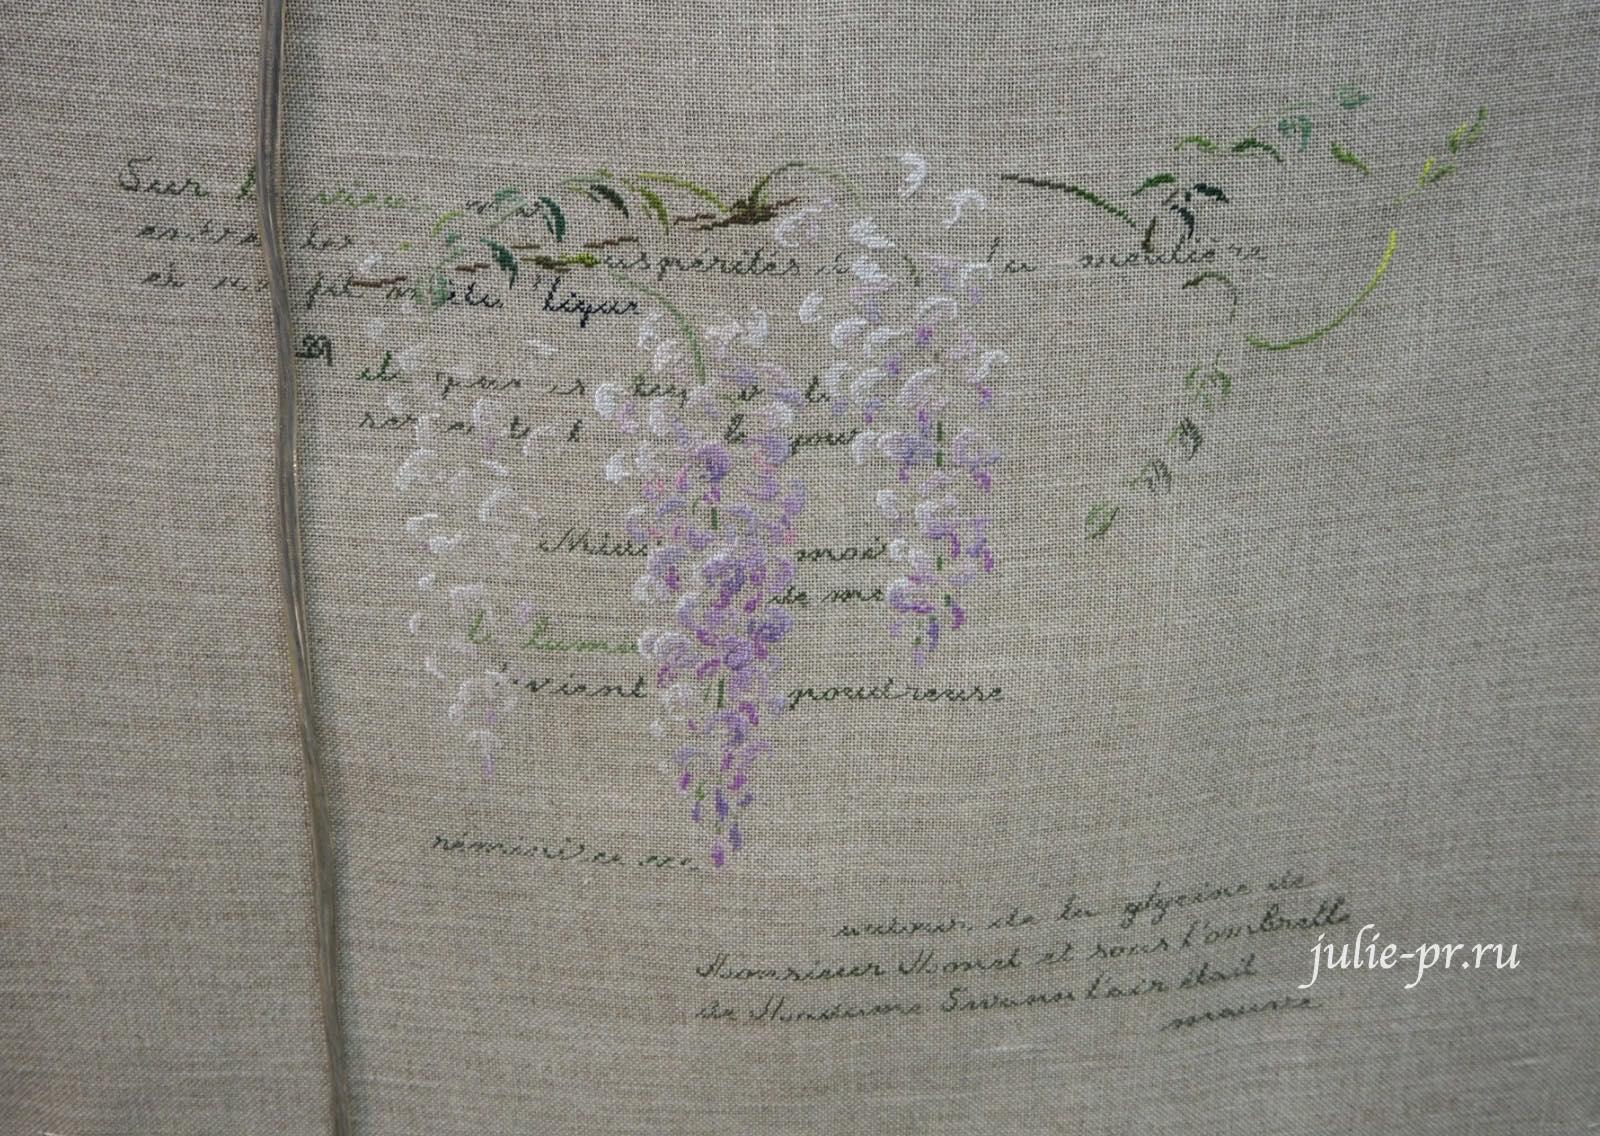 MTSA, Glycine evanescente, Глициния, вышивка крестом